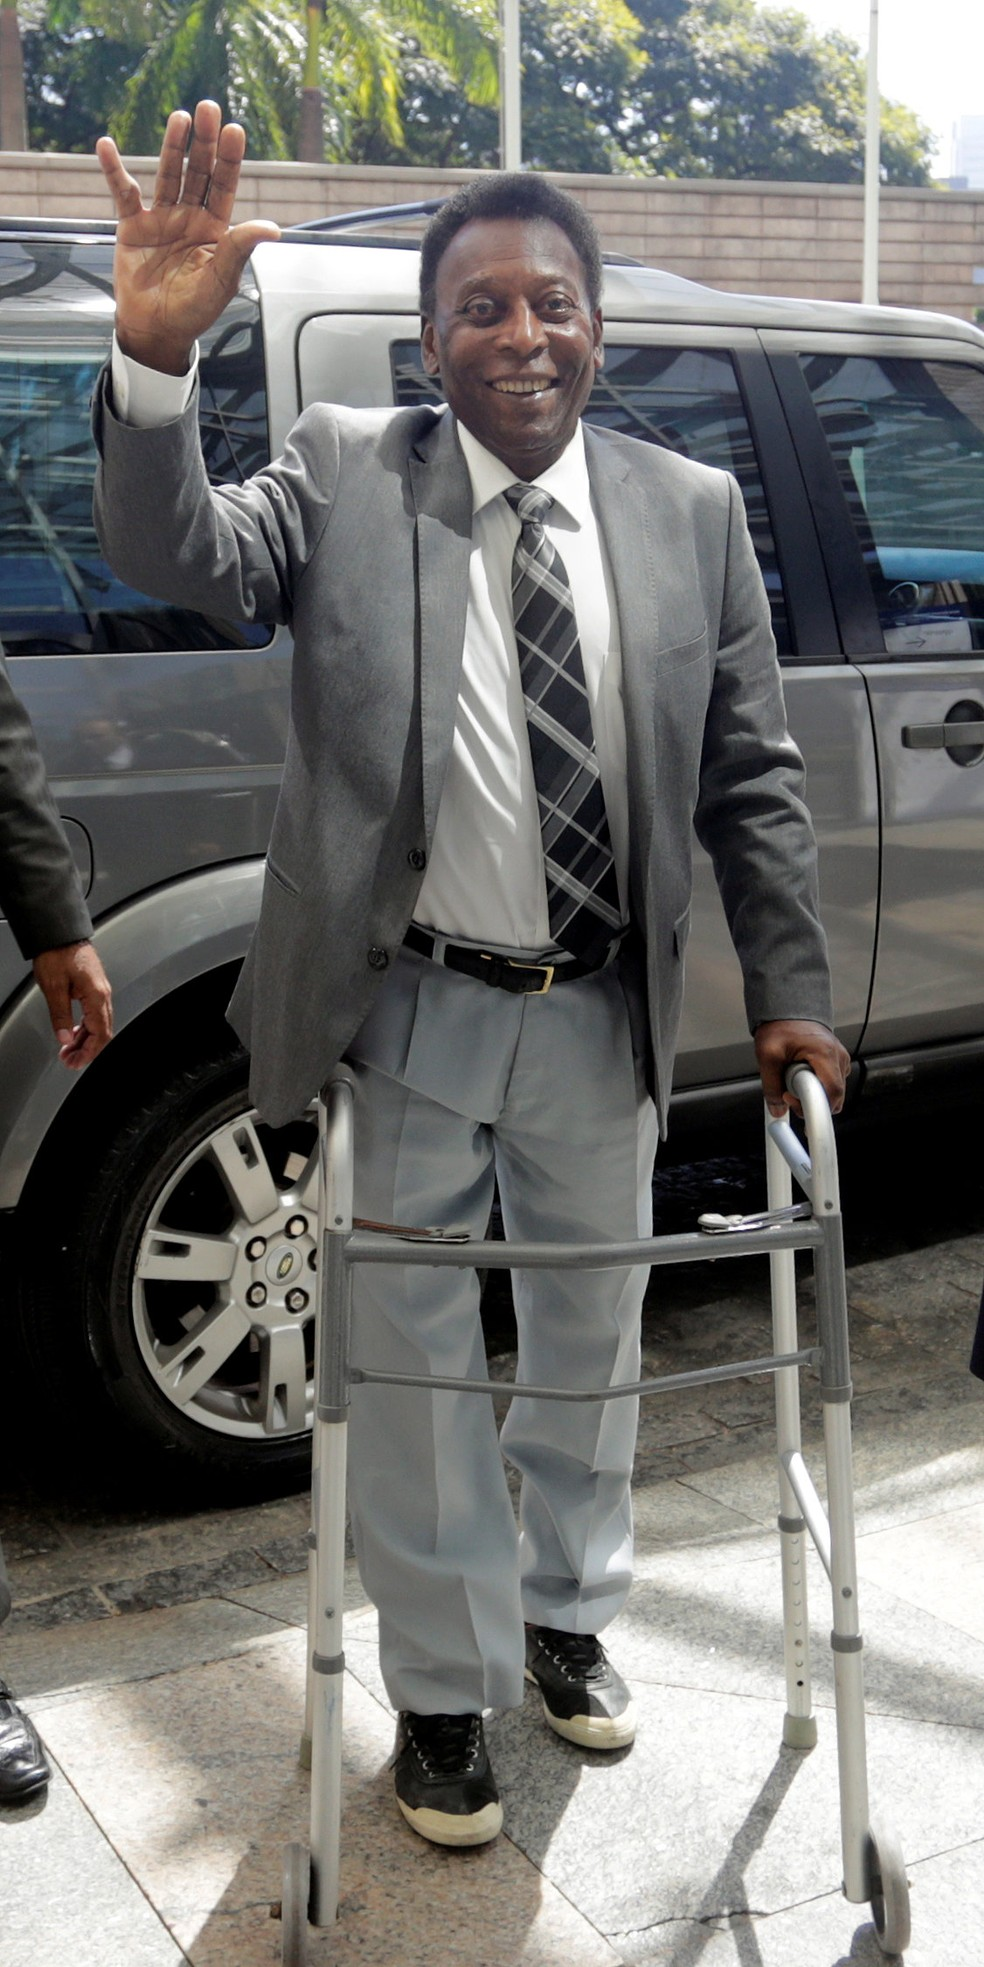 Há uma semana, Pelé usou andador em evento em São Paulo (Foto: Leonardo Benassatto / Reuters)